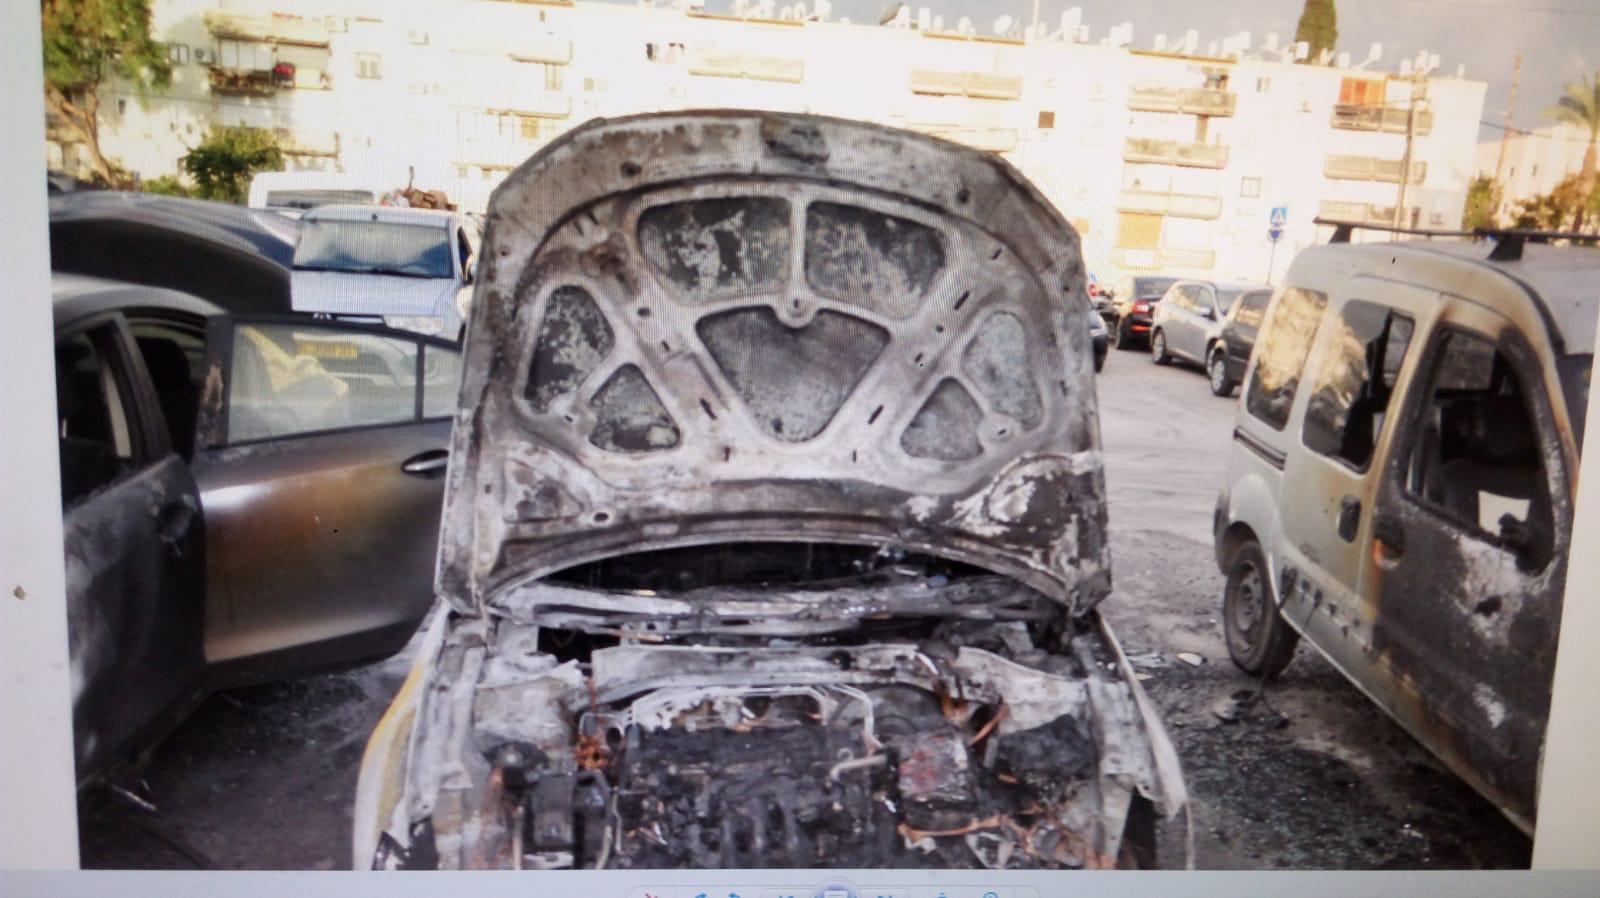 عكا: احتراق 3 سيارات خصوصية